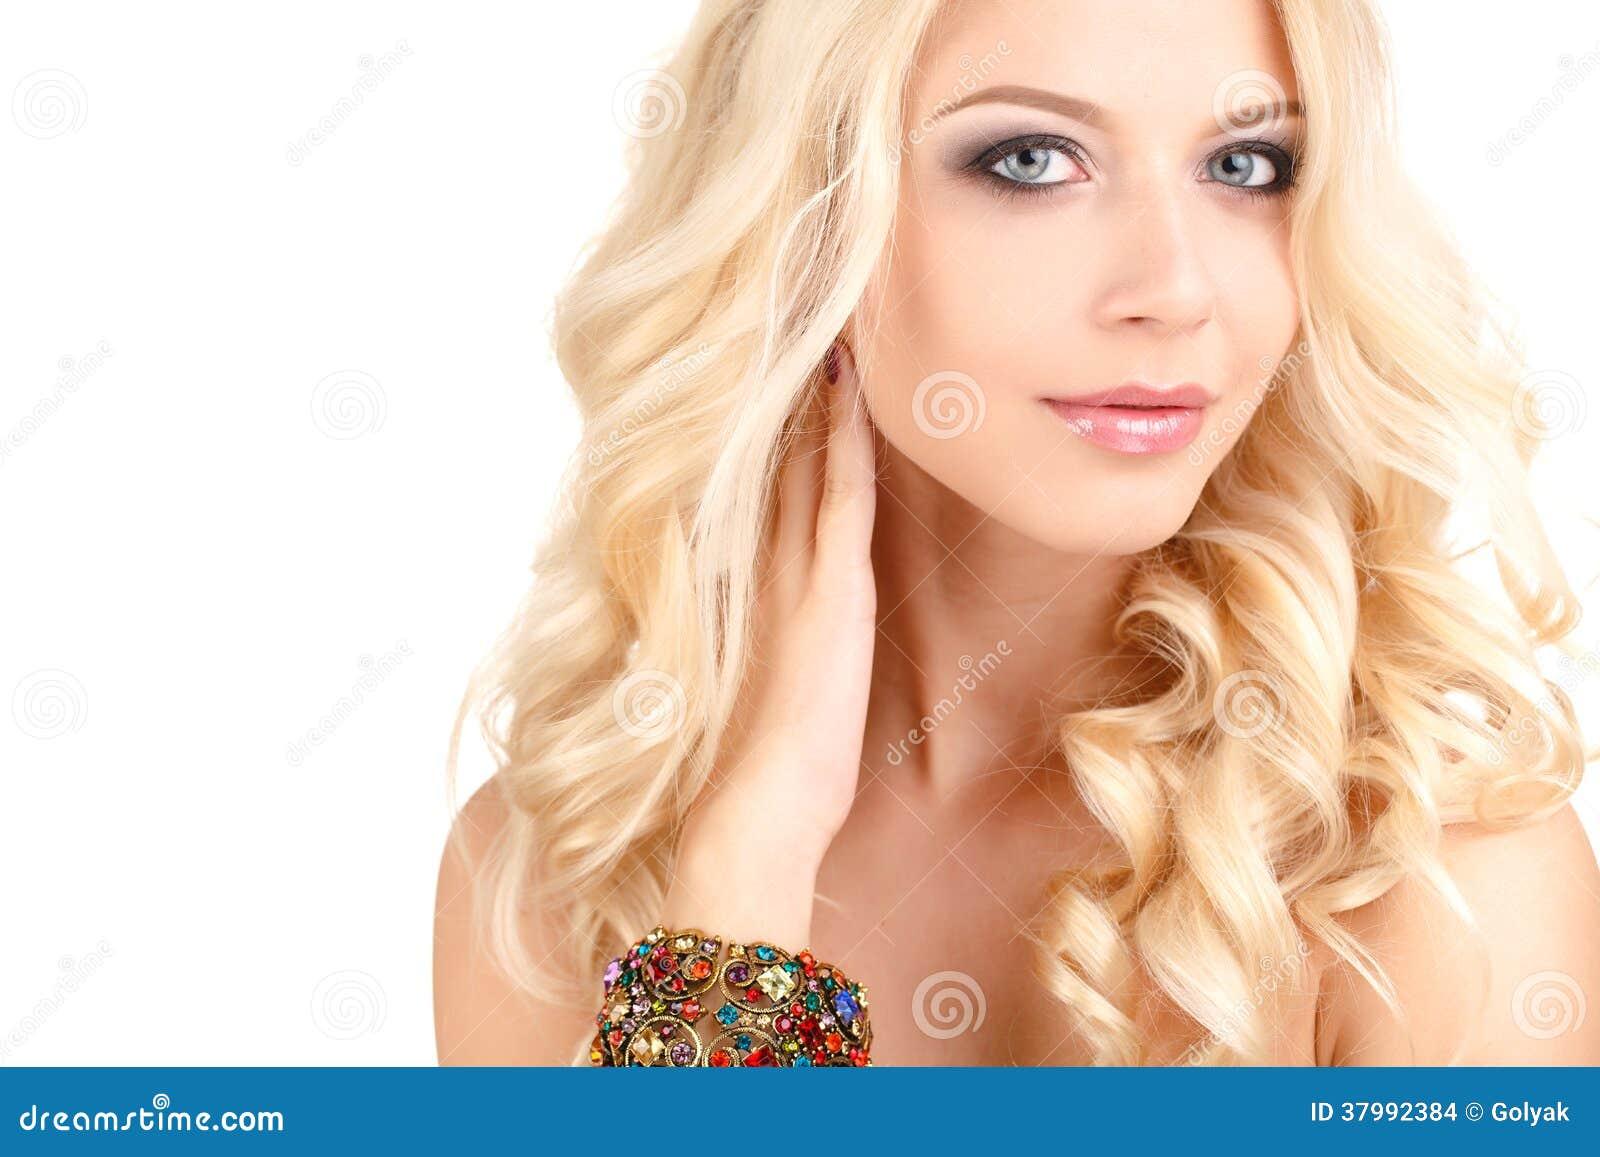 Фото кавказских девушек блондинок